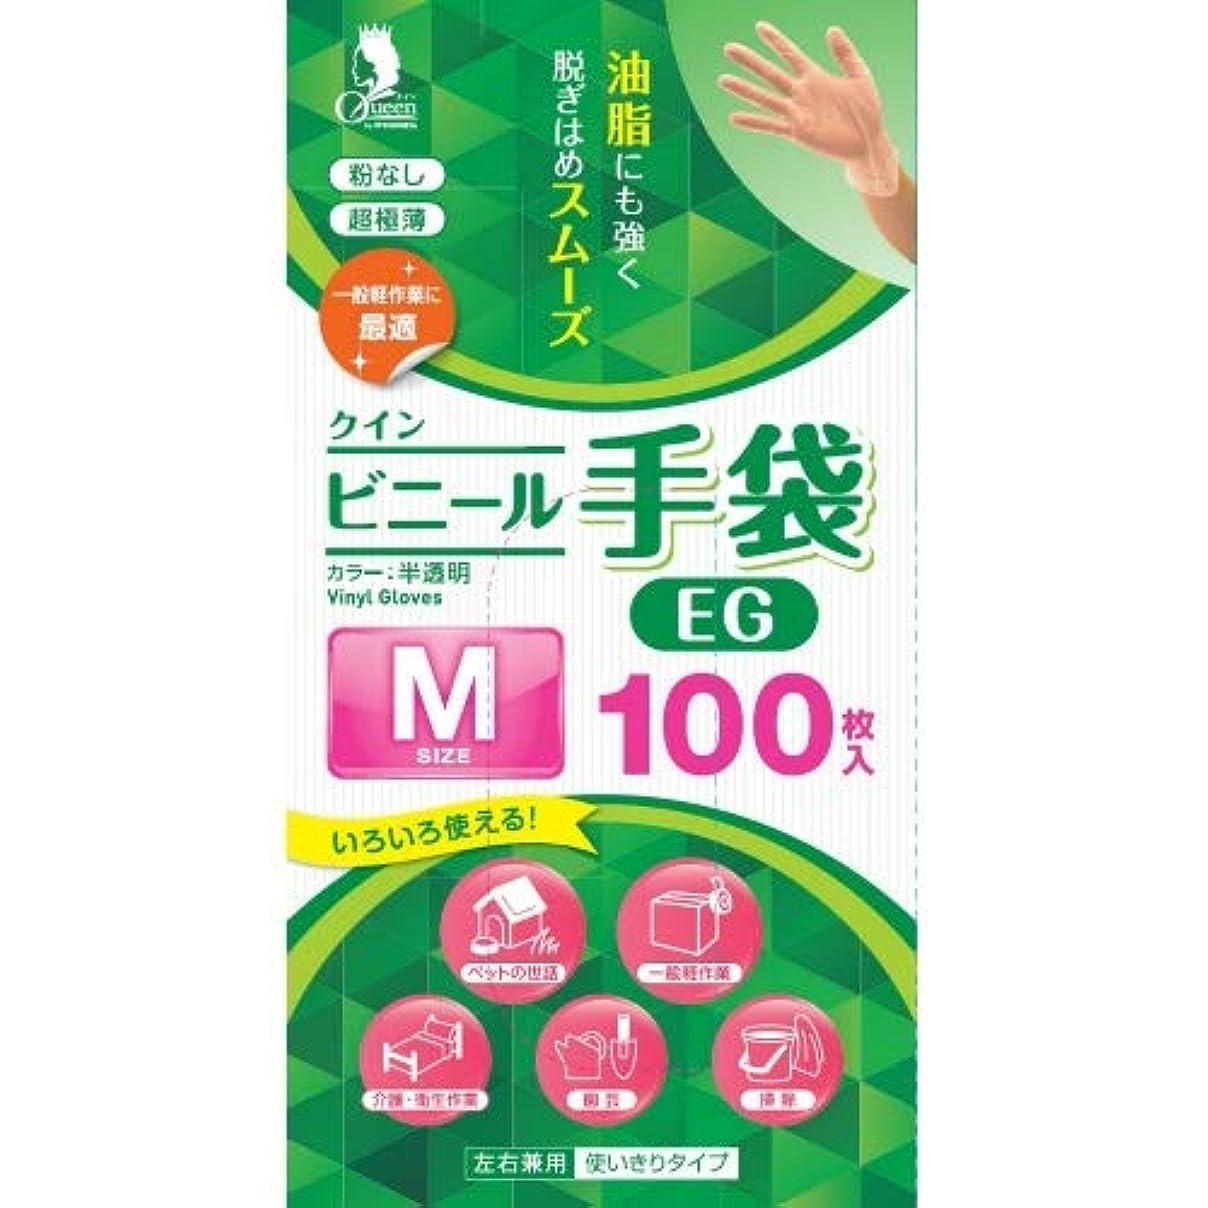 レポートを書く獣有望宇都宮製作 クイン ビニール手袋 EG 粉なし 100枚入 Mサイズ